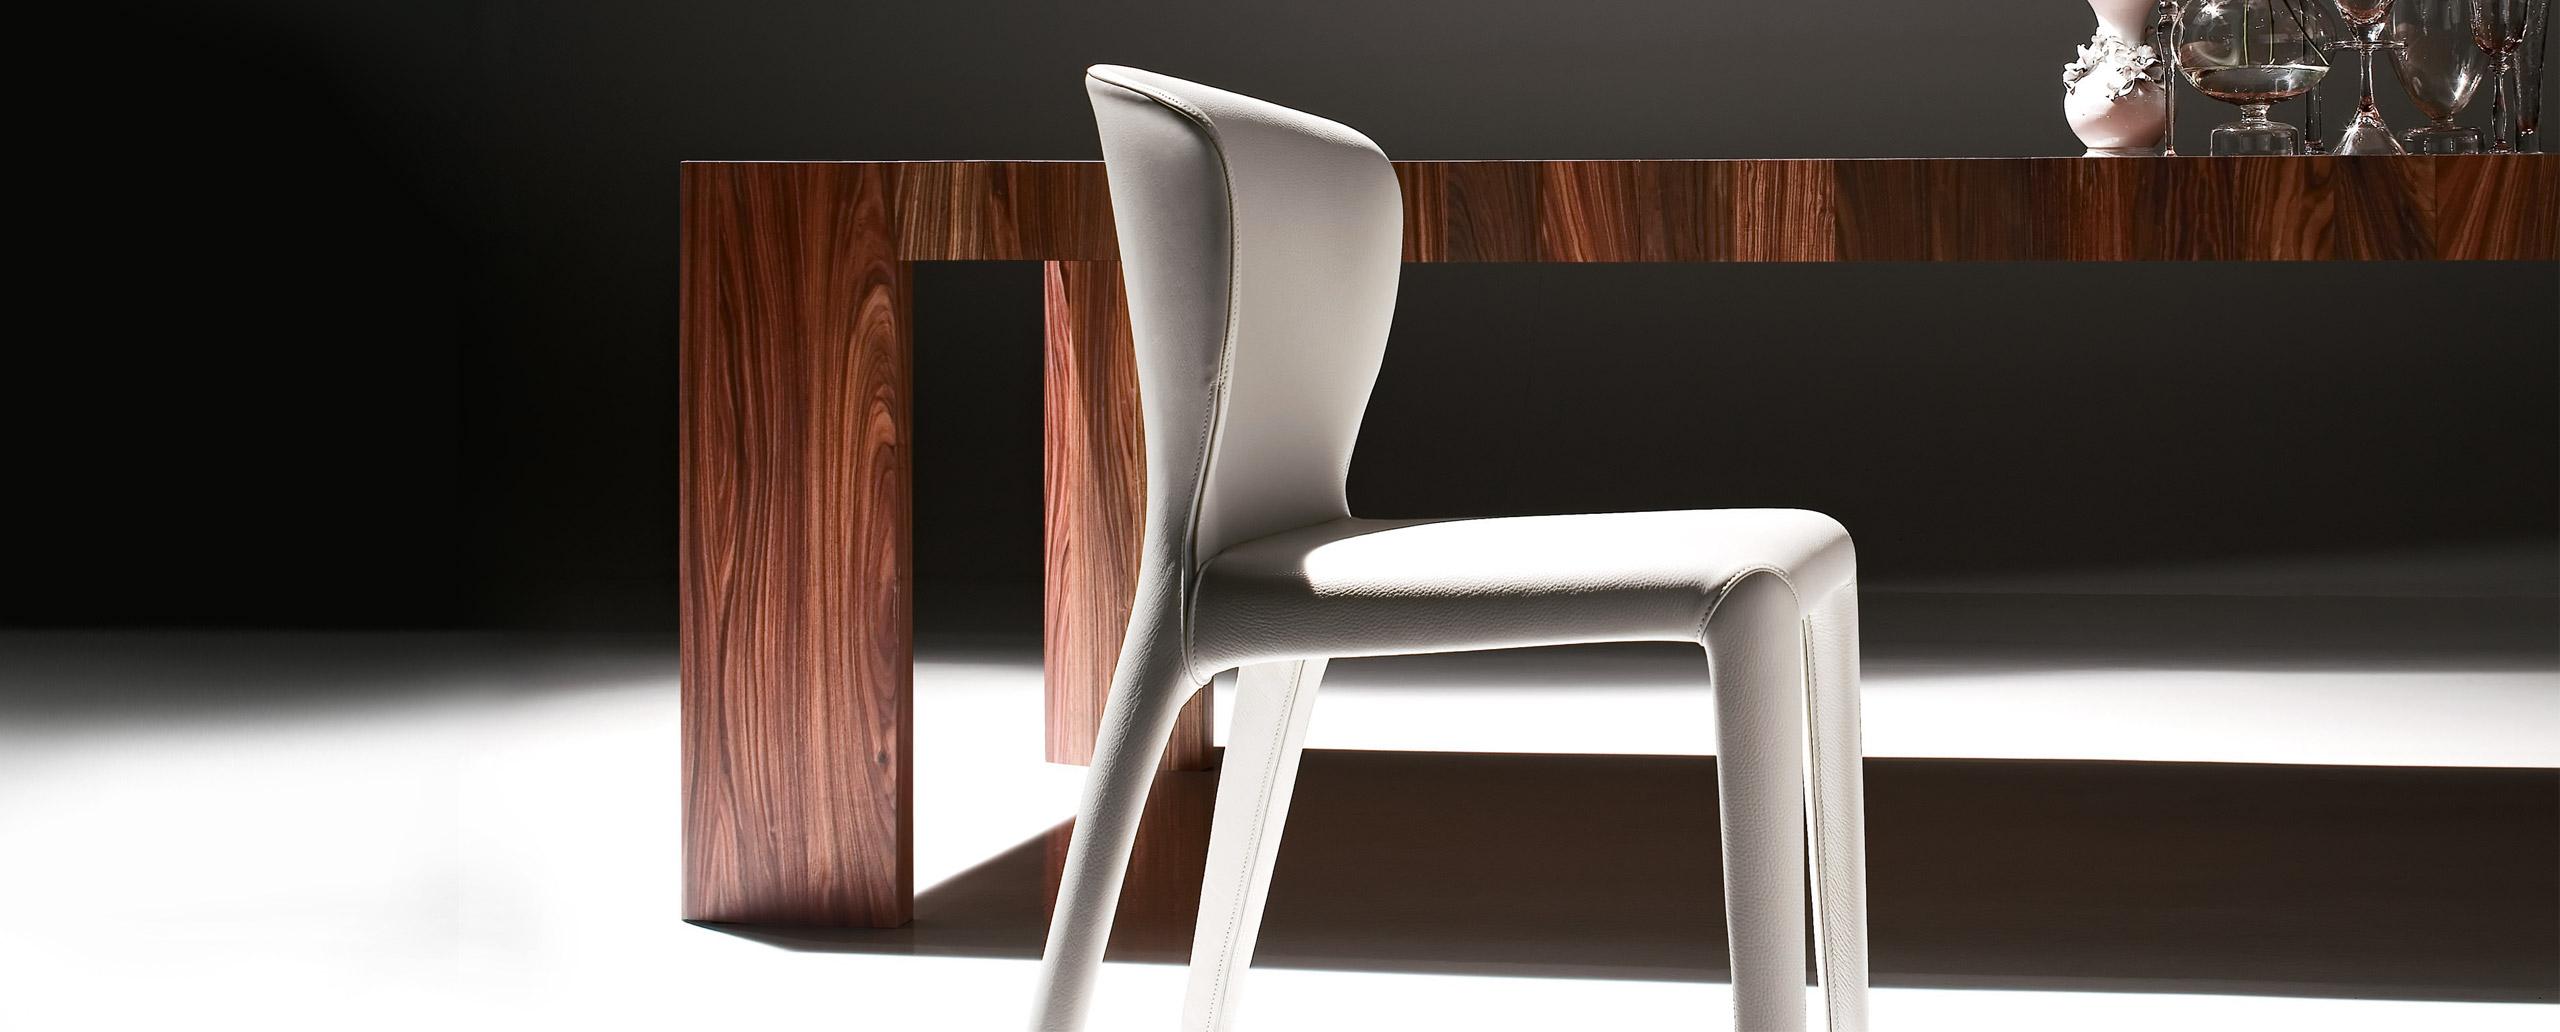 tables et chaises meubles design mobilier et luminaires del mont porrentruy moutier jura. Black Bedroom Furniture Sets. Home Design Ideas